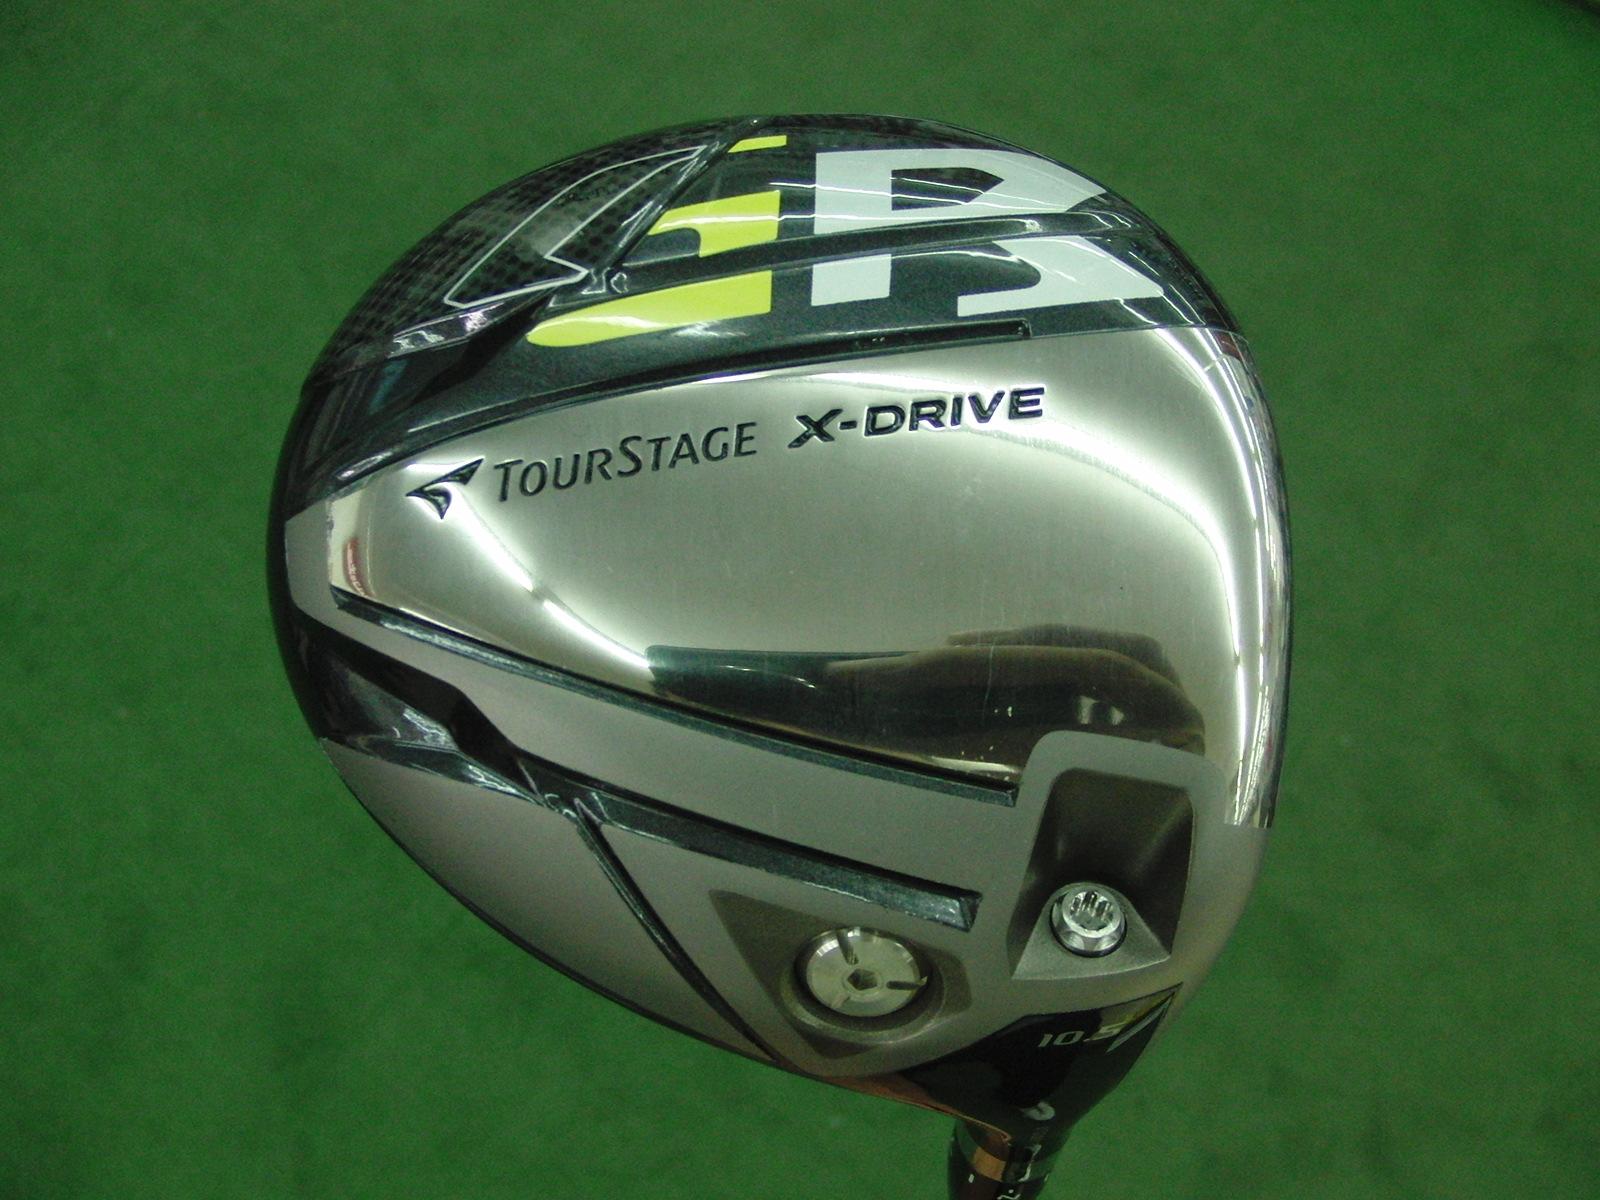 ブリヂストン ツアーステージ X-DRIVE GRドライバー | スポーツINGゴルフスクール